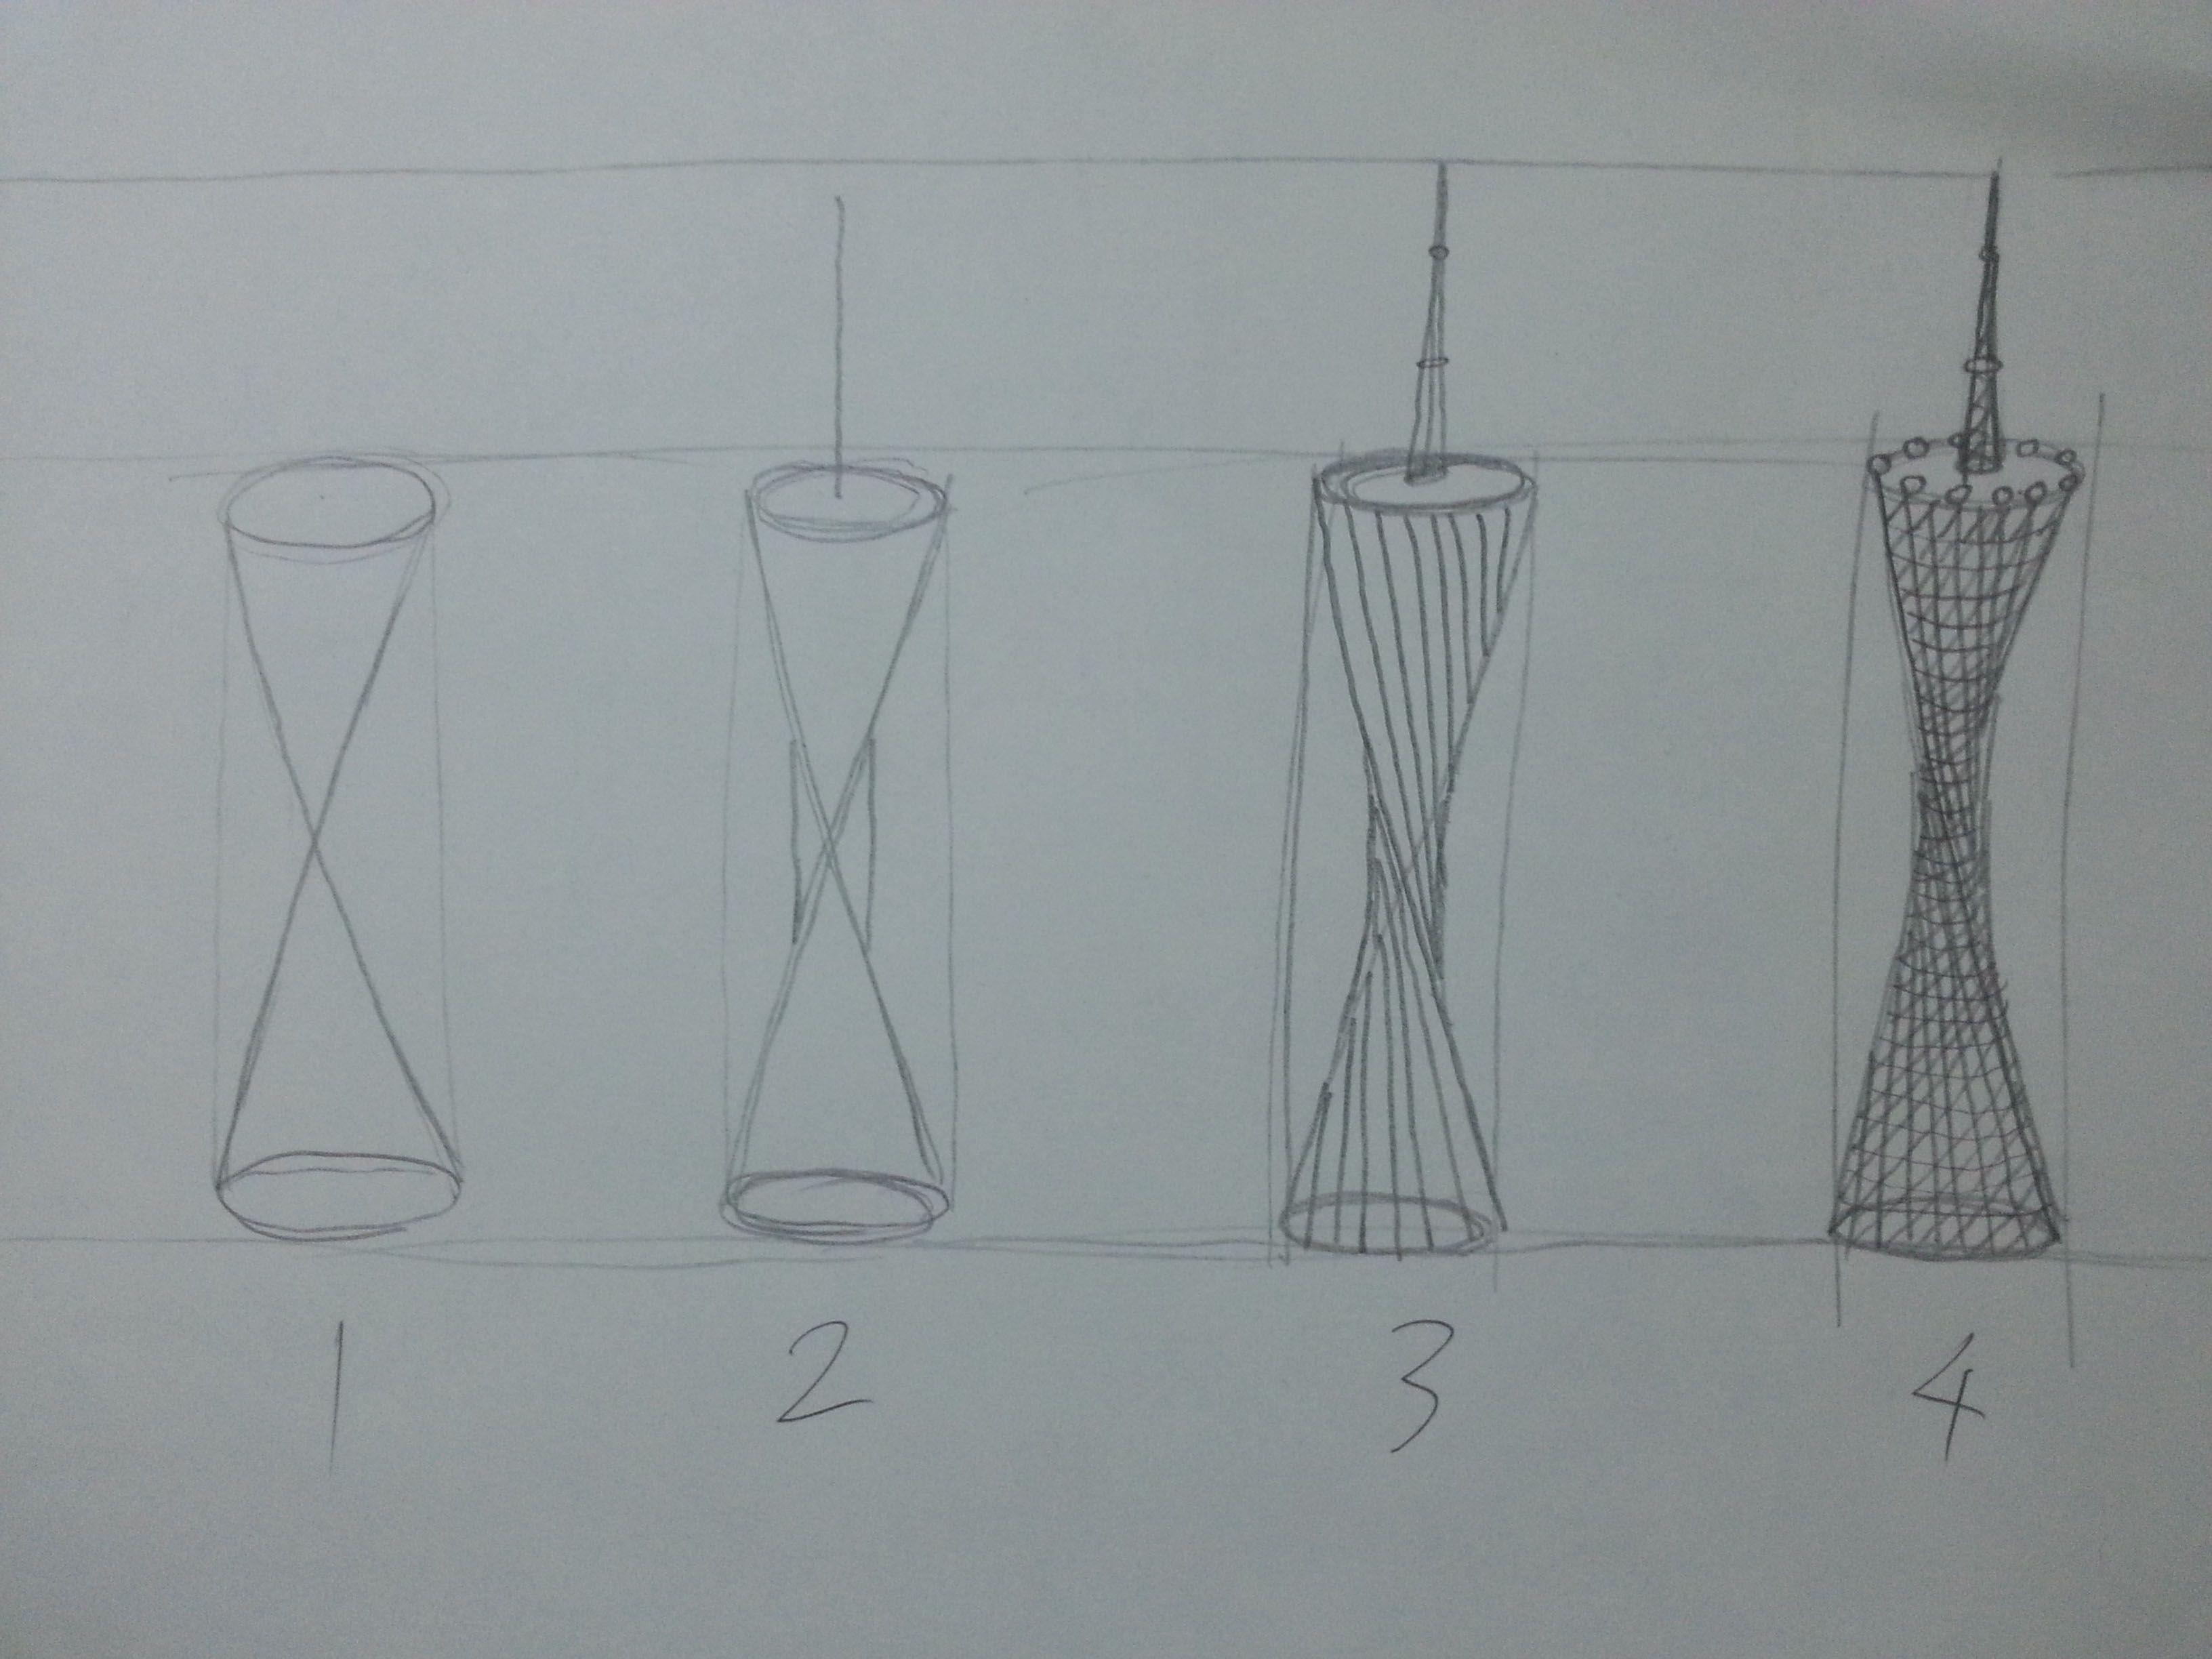 广州塔怎么画?